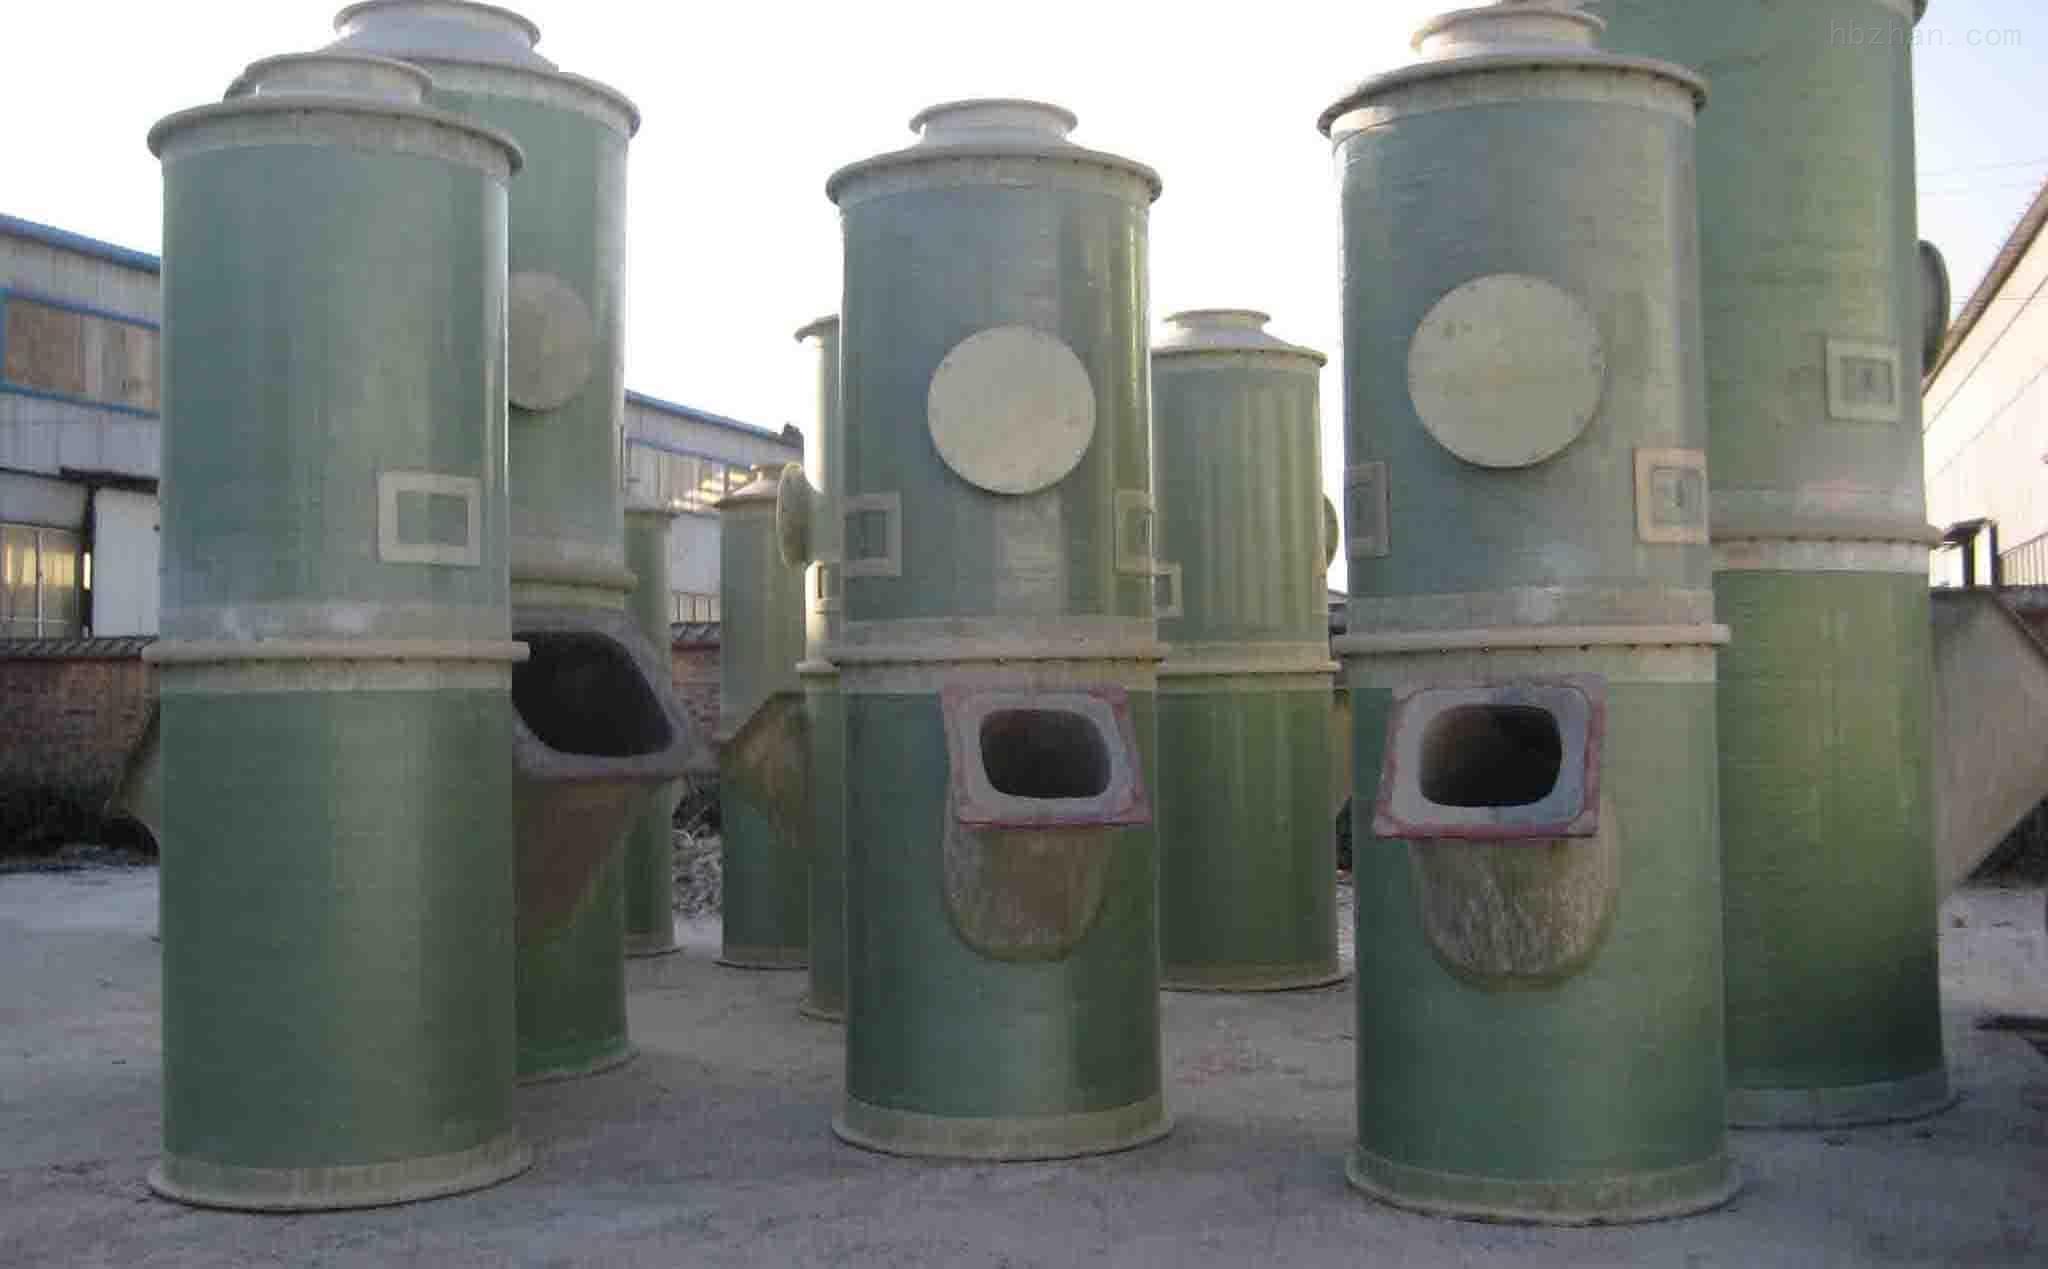 出售高效环保玻璃钢酸雾废气吸收喷淋塔详细介绍 在化学工业中,经常需要将气体混合物中的各个组分加以分离,其主要目的是回收气体混合物中的有用物质,以制取产品,或除去工艺气体中的有害成分,使气体净化,以便进一步加工处理,或除去工业放空尾气中的有害成分,以免污染空气。吸收操作是气体混合物分离方法之一,它是根据混合物中各组分在某一种溶剂中溶解度不同而达到分离的目的。 出售高效环保玻璃钢酸雾废气吸收喷淋塔基本要求: 1.